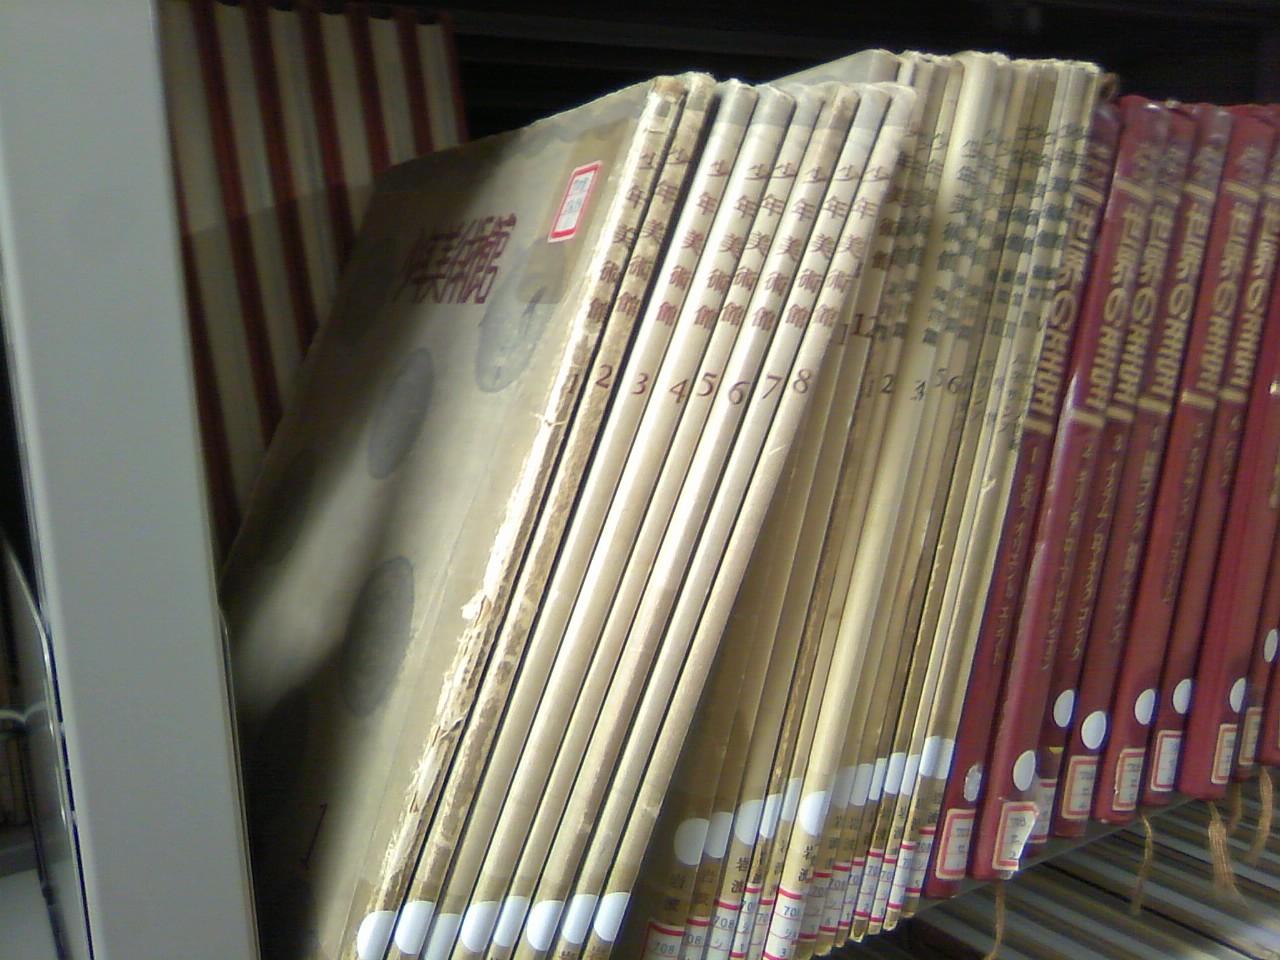 札幌市中央図書館の地下書庫に潜入する。_e0146210_22334380.jpg